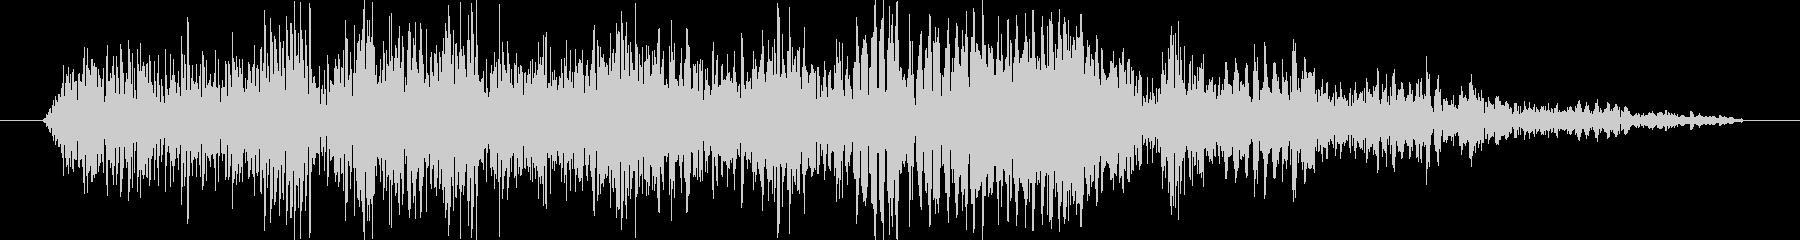 グオーウォの未再生の波形